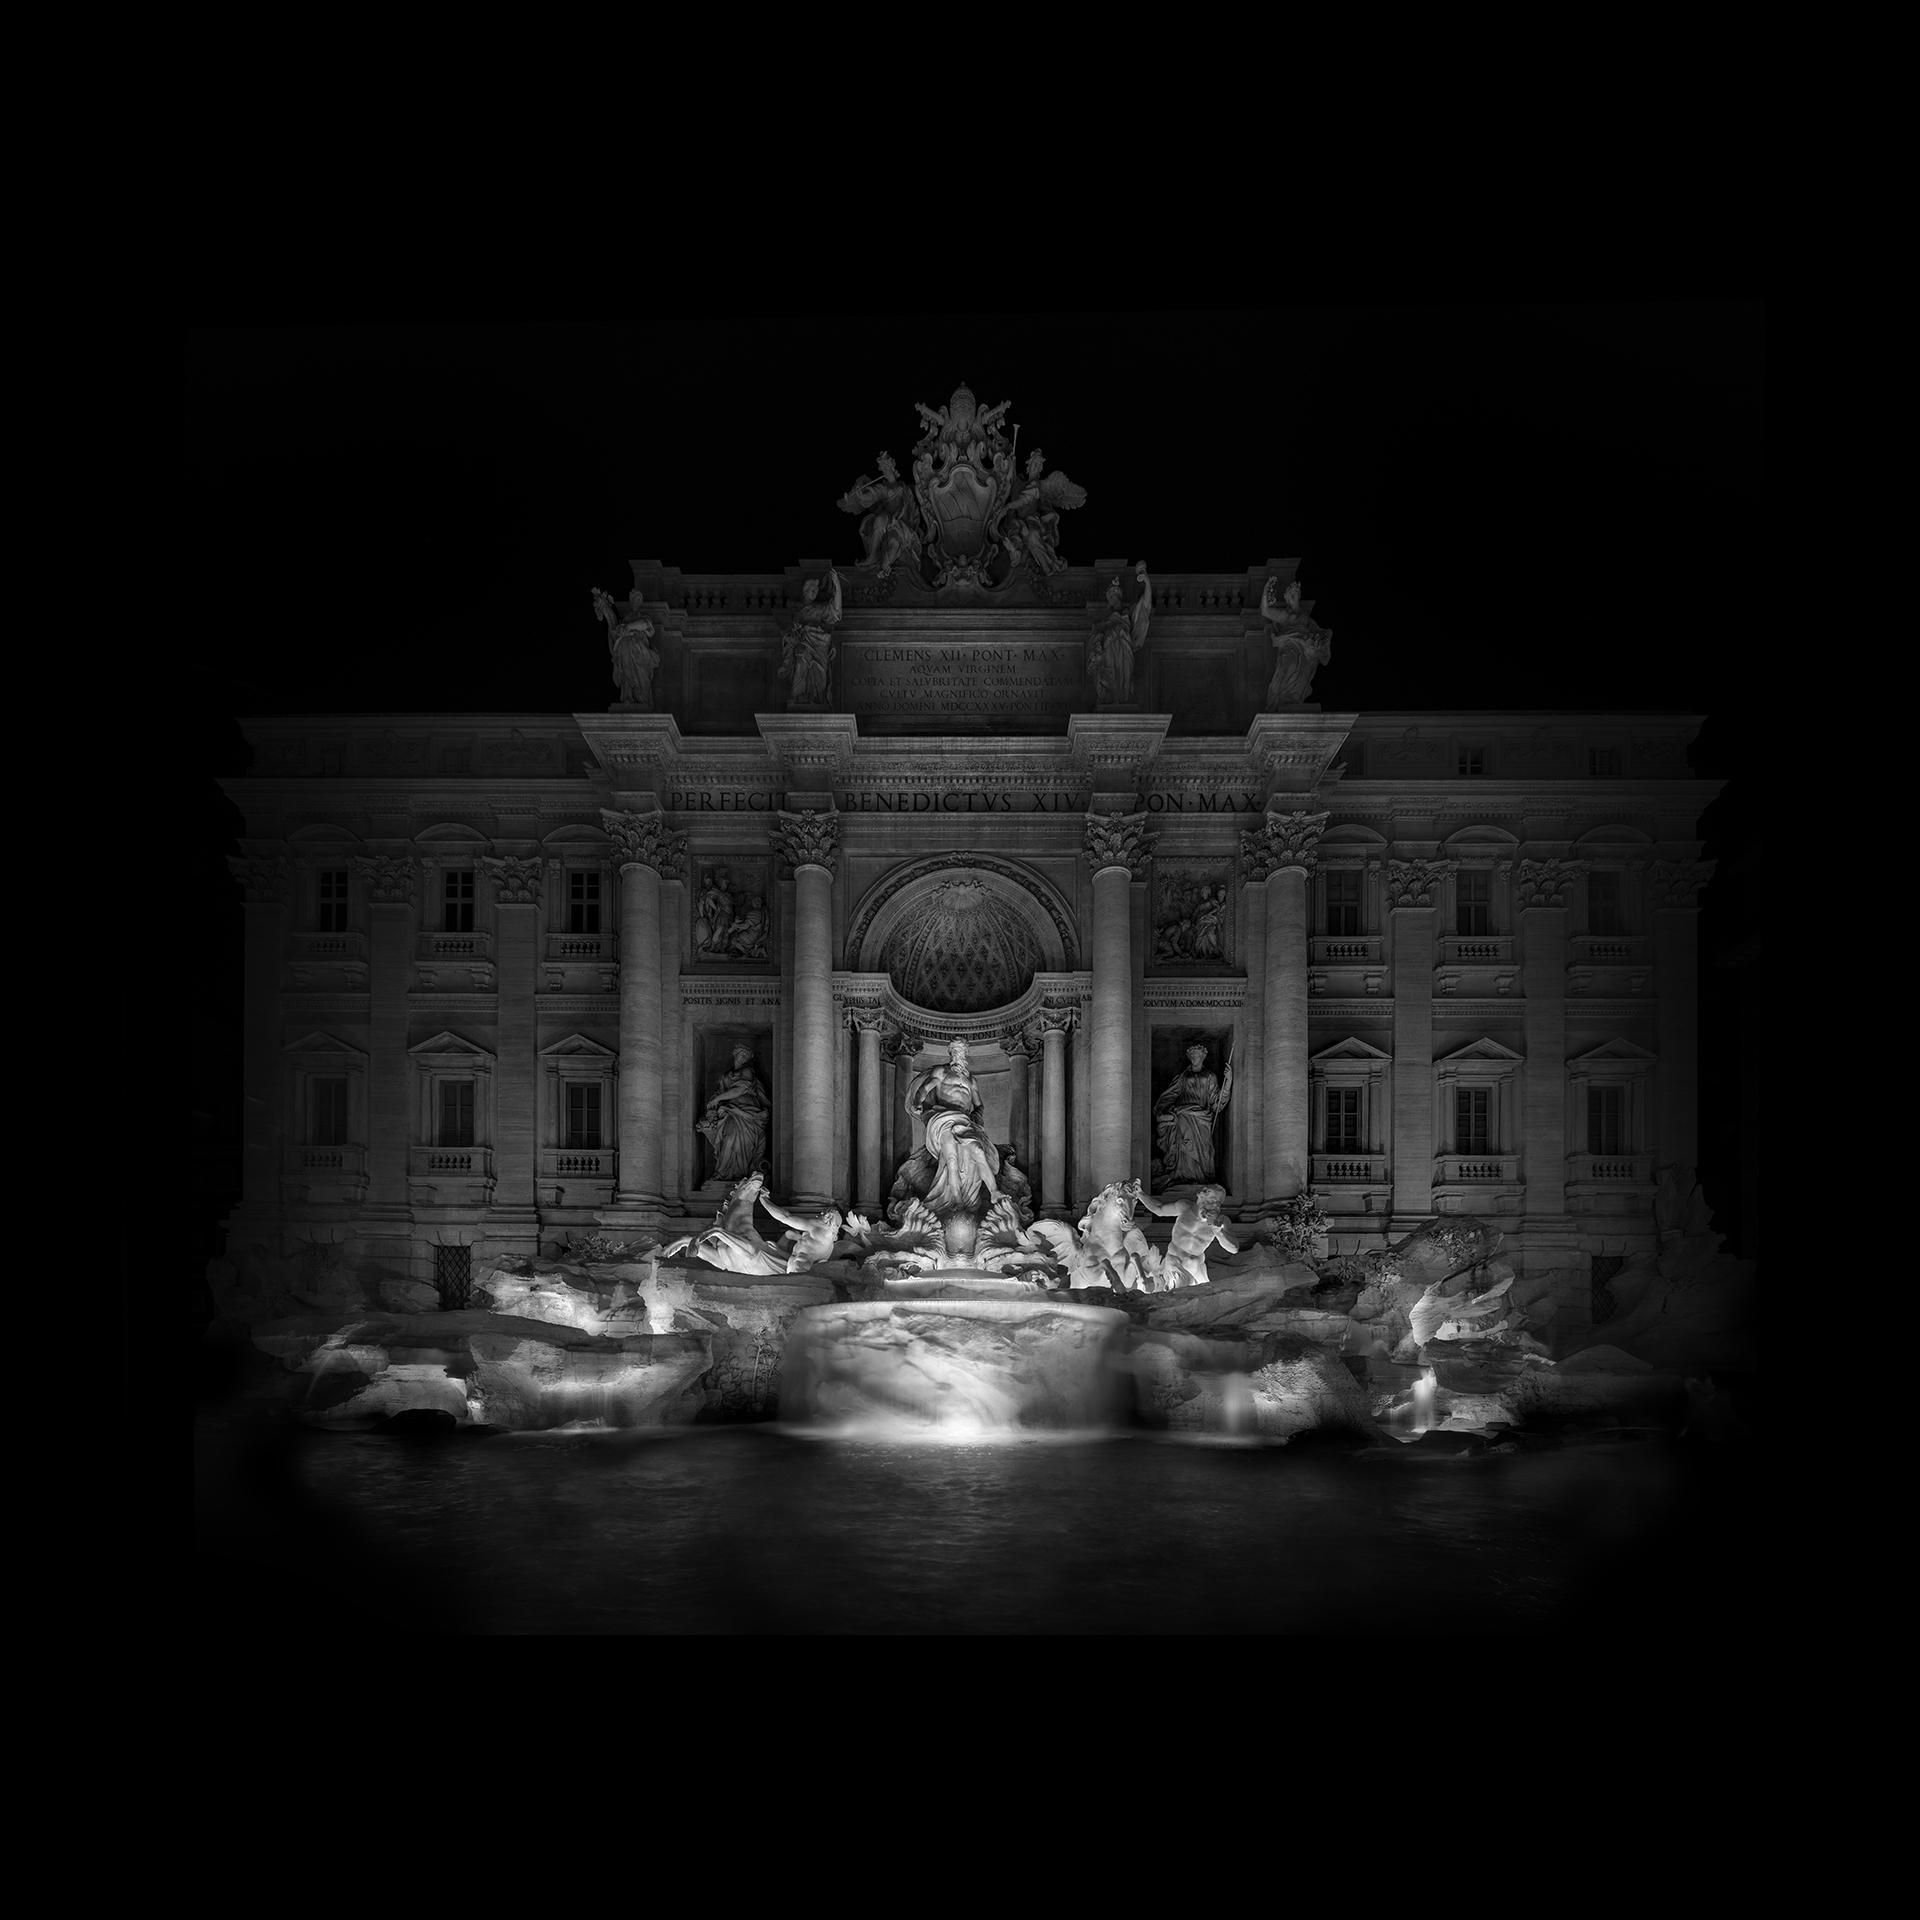 Photographie de la fontaine de Trevi par Alessandro Piredda